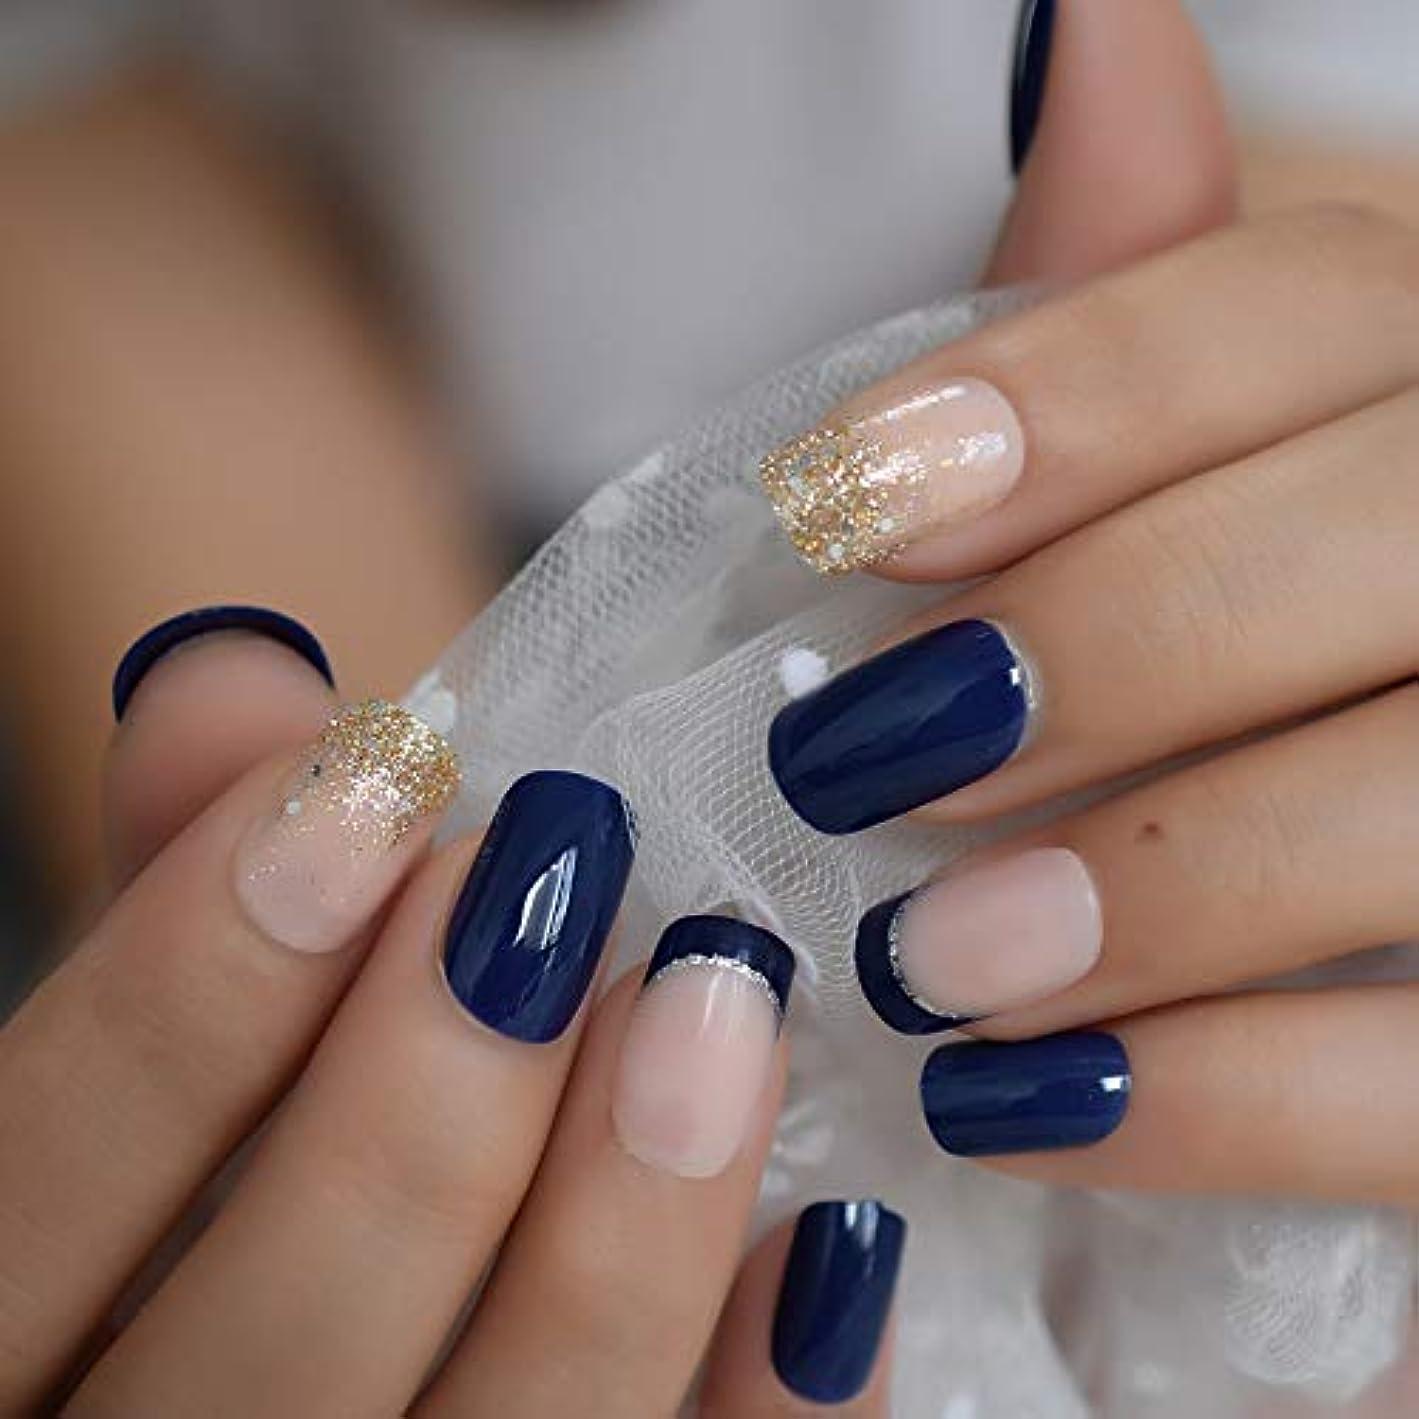 ドリンクウナギ仮称XUTXZKA 爪のマニキュアの先端の光沢のある青い釘のきらめき媒体の自然